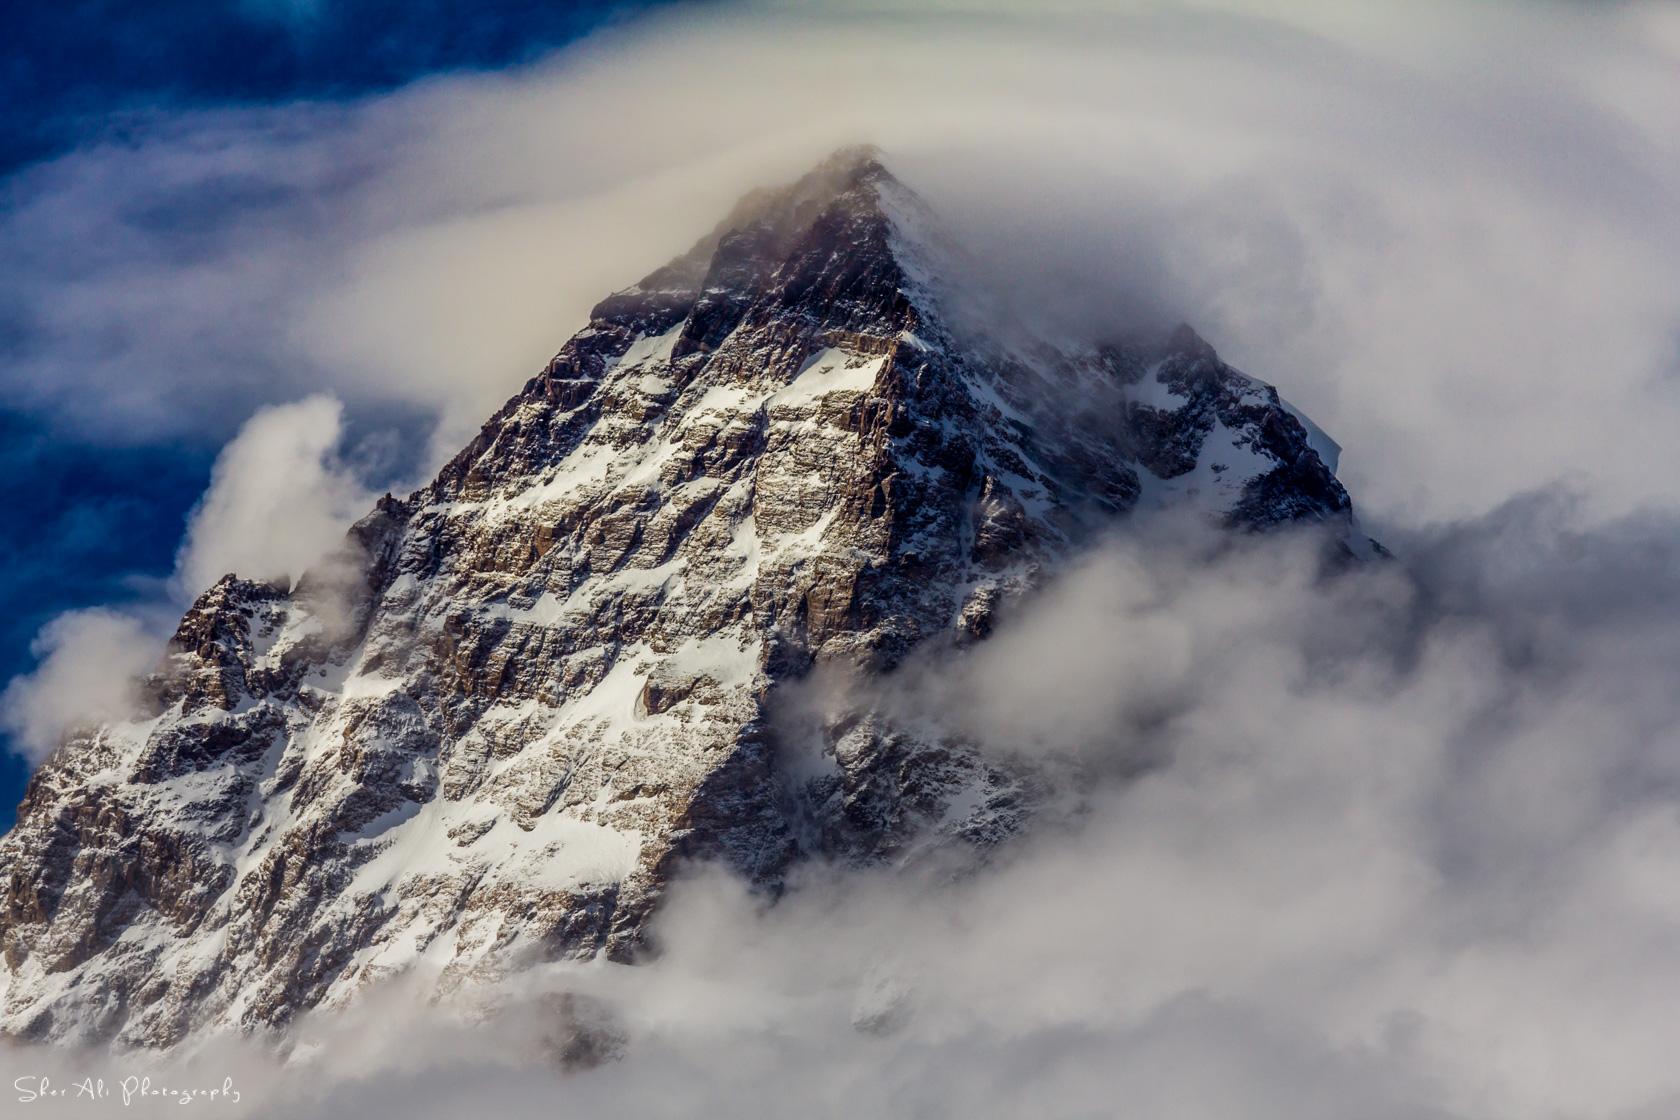 K2 (8611m), Karakoram, Gilgit Baltistan, Pakistan